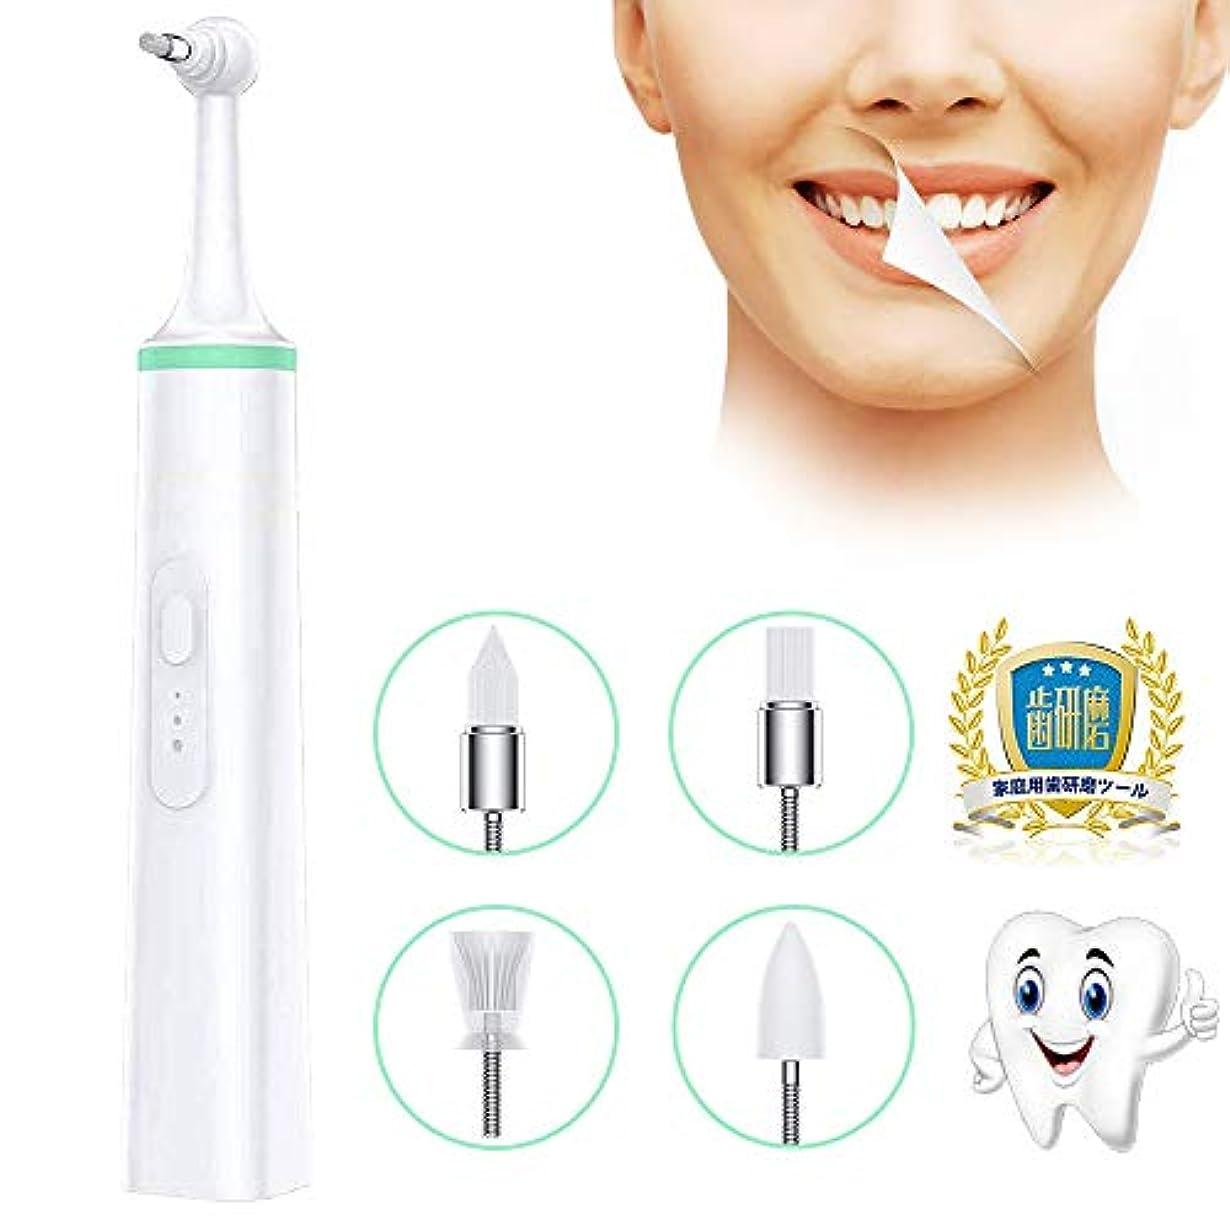 電動歯ブラシ 歯用ツール 振動デンタルクリーナー 歯石取り 高周波振動 USB給電式 3段階調節 交換用ヘッド4個付き 日本語説明書付き (改良版)